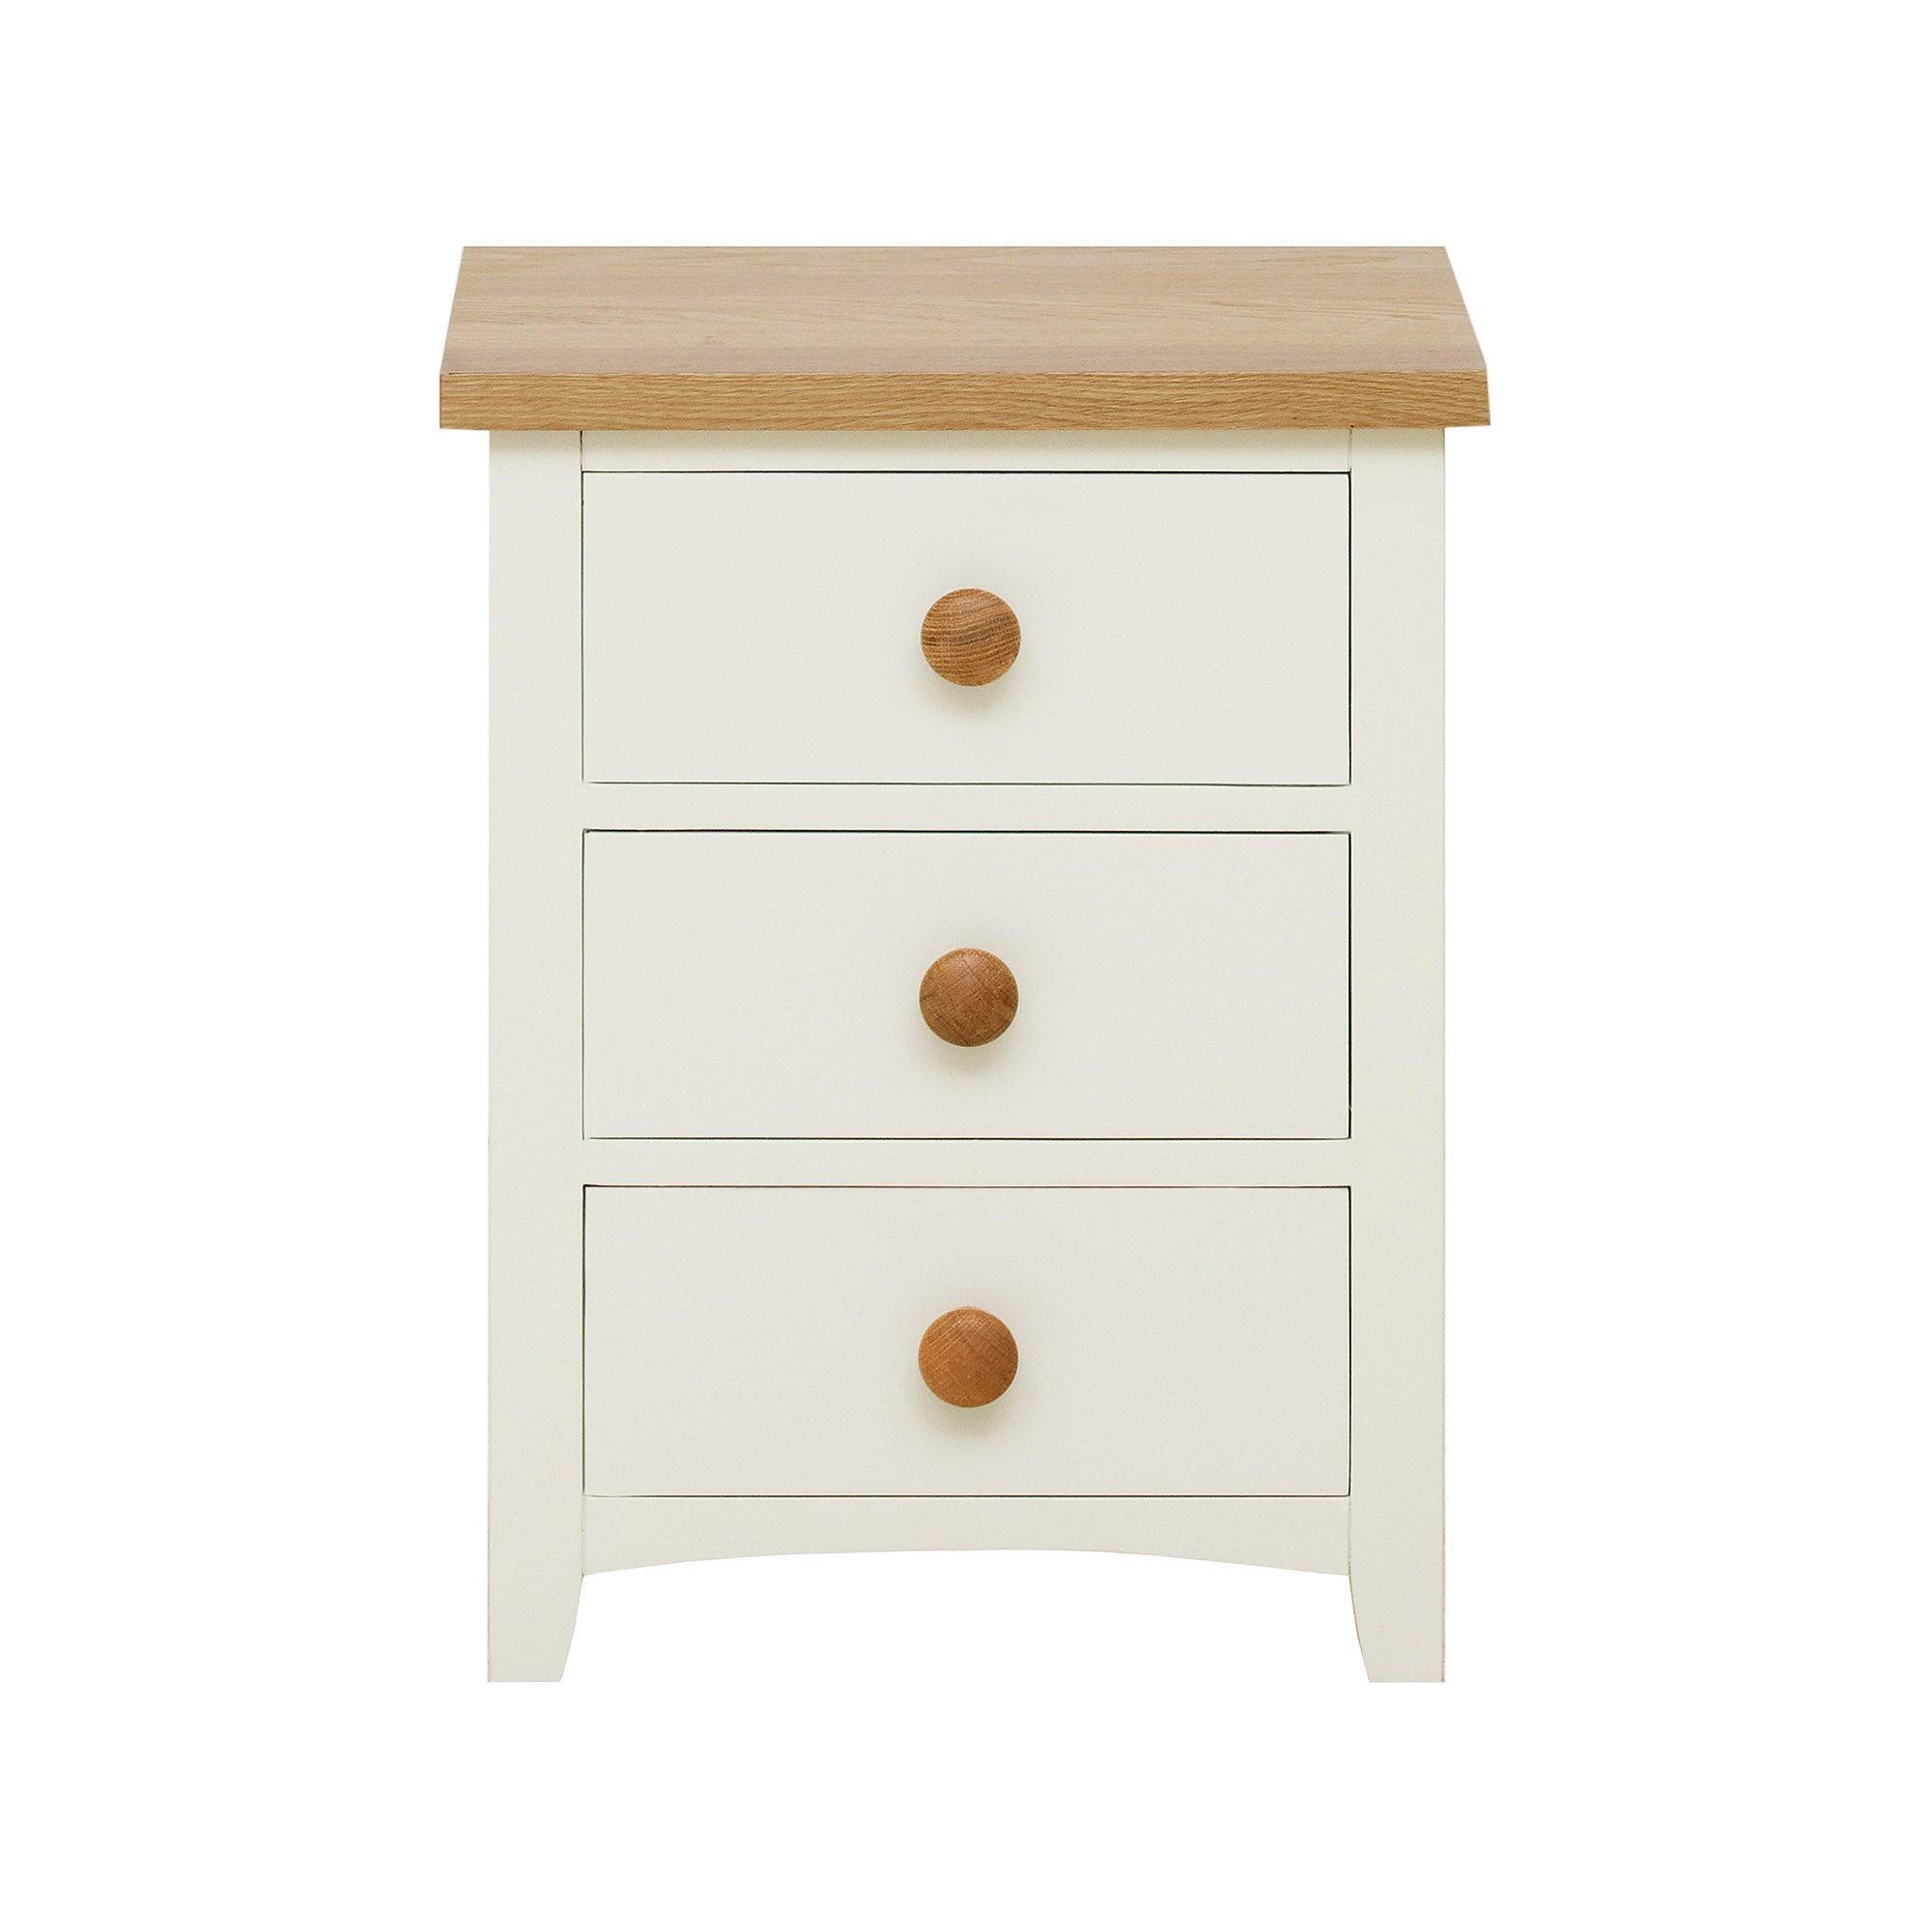 Truro Oak Bedside Cabinet